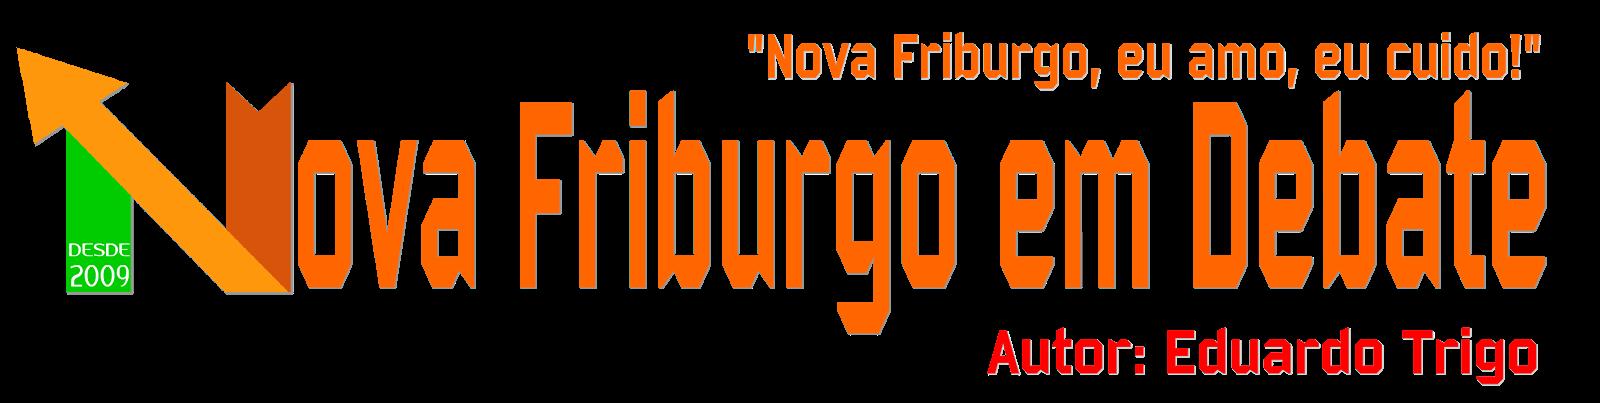 Nova Friburgo em Debate